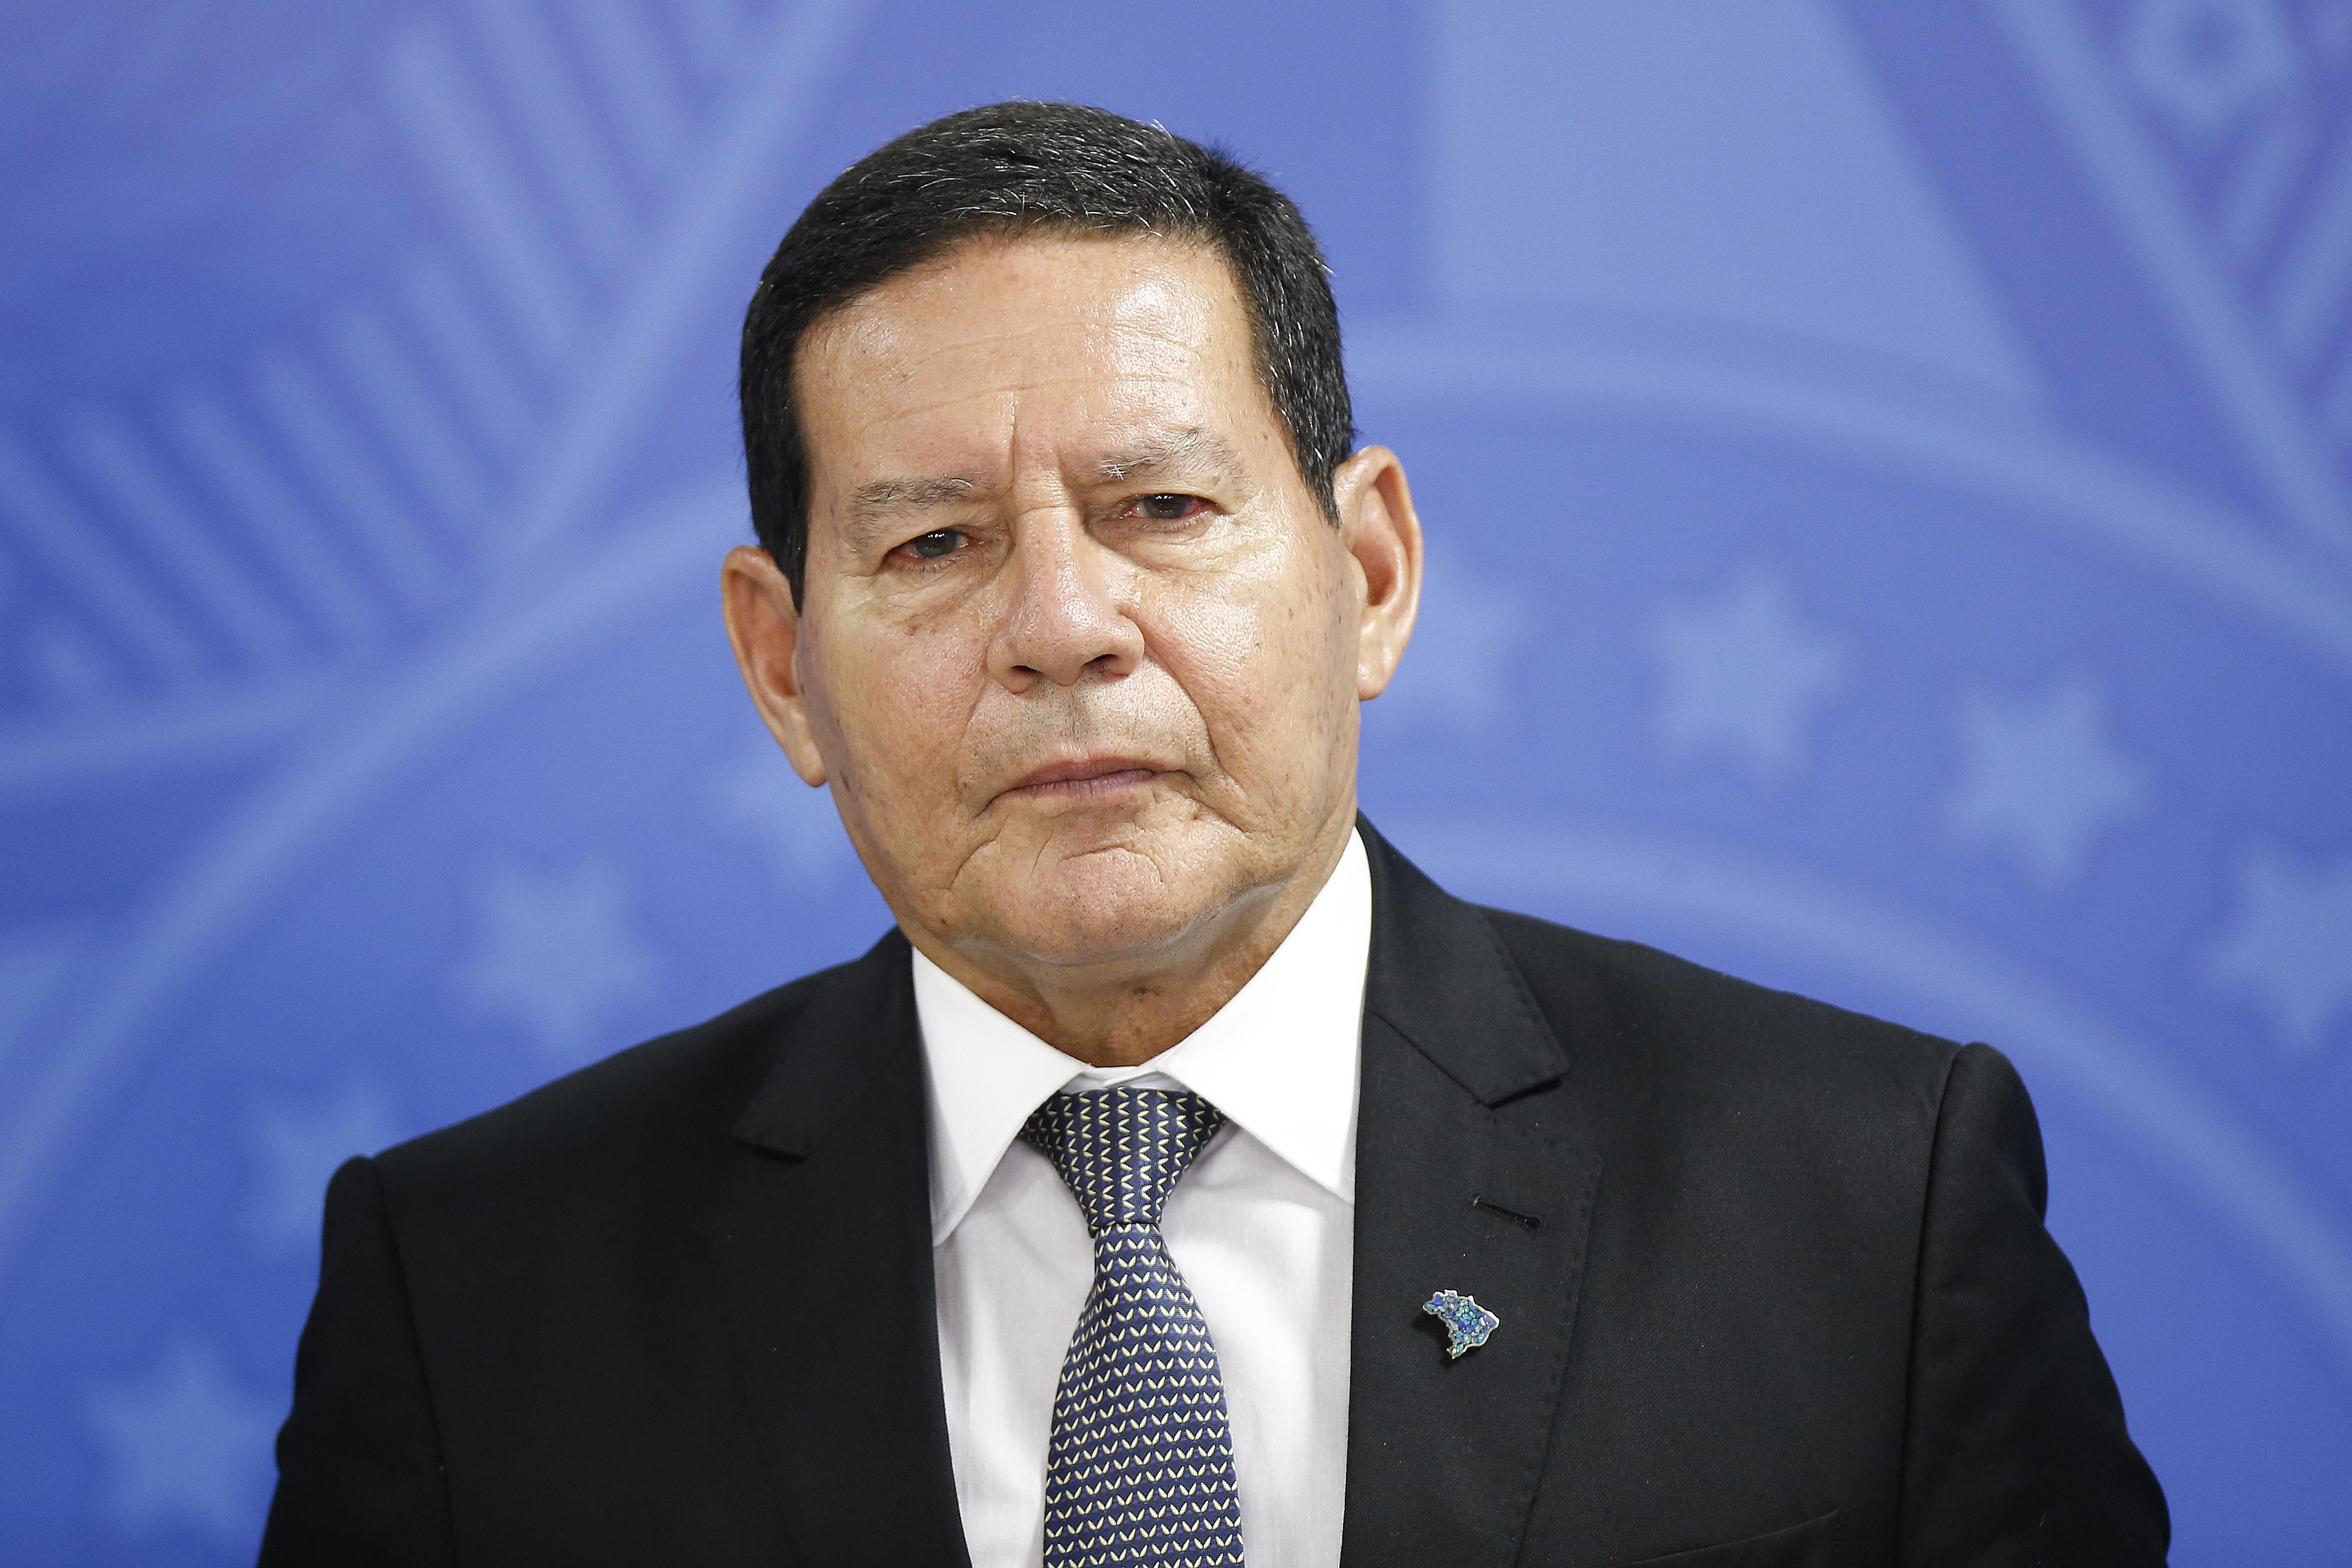 IMAGEM: Mourão diz que imagem do Brasil é 'atacada de forma injusta'